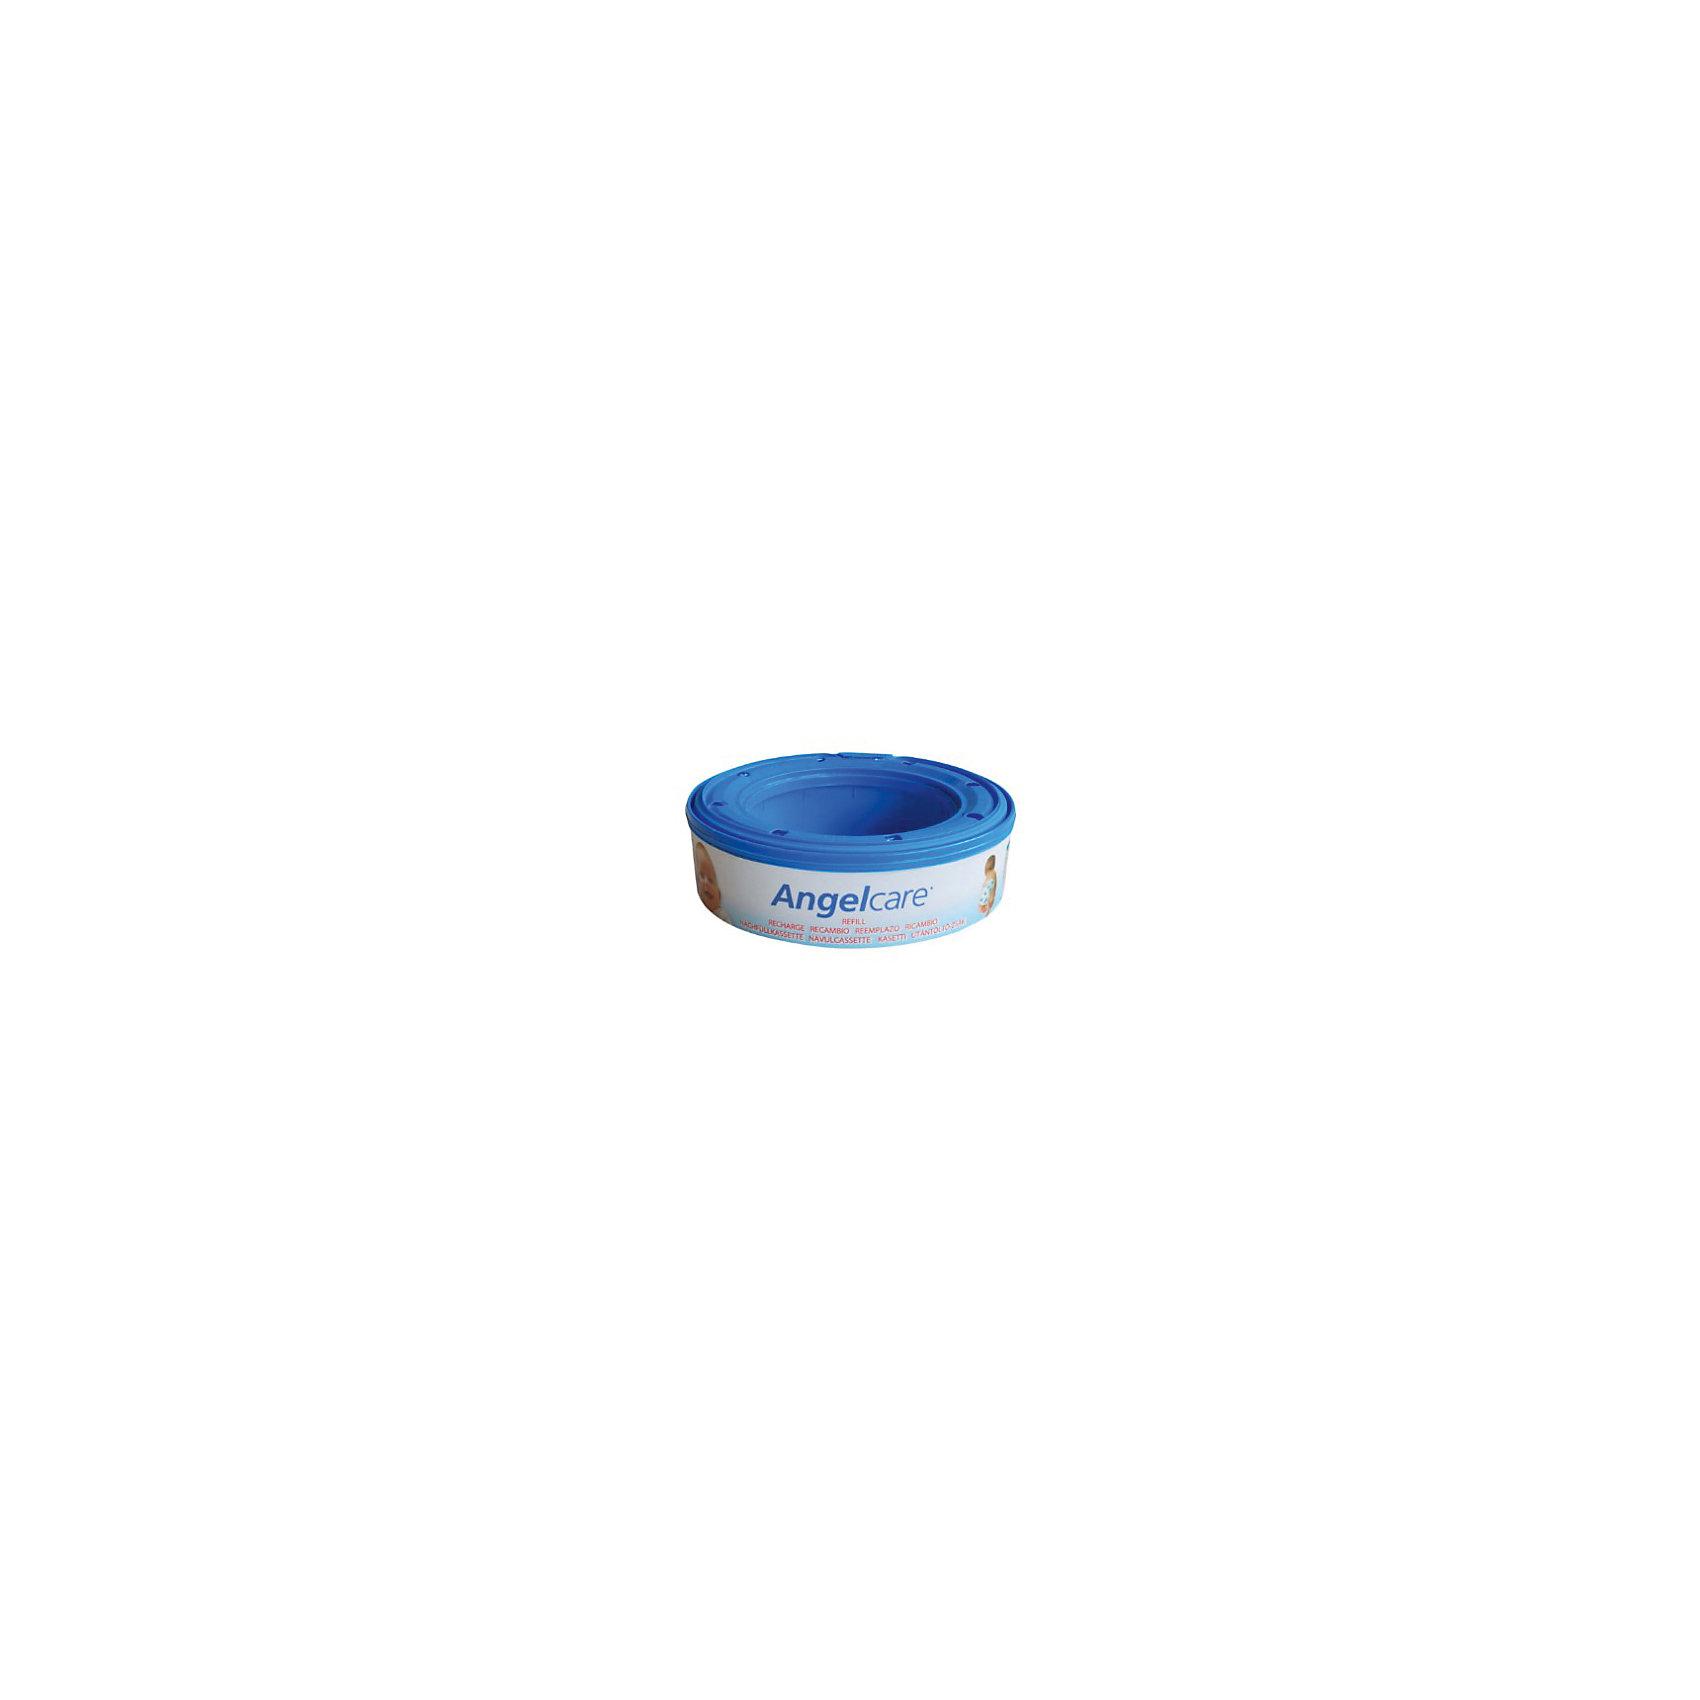 Комплект из 3-х кассет к накопителю для использованных подгузников, AngelCareУтилизаторы подгузников<br>Комплект из 3-х кассет к накопителю для использованных подгузников, AngelCare<br><br>Характеристики:<br>- В набор входит: 3 кассеты<br>- Материал: пластик, полиэтилен<br>- Вместительность: 128 подгузников  р-р 2 на 1 кассету<br>- Совместимость: все накопители для подгузников марки AngelCare<br>Кассеты к накопителю для подгузников от известного канадского бренда товаров по уходу за детьми AngelCare (ЭнджелКеа) позволят утилизировать подгузники без единого запаха и значительно упростить уход за малышом. Каждая кассета состоит из безопасного полиэтиленового материала, и вмещает 128 подгузников размера 2 (приблизительно 28 дней). При смене кассеты не придется контактировать с уже имеющимися в накопителе подгузниками в виду их герметичной упаковки. Накопители AngelCare используют в четыре раза меньше пластика чем обычные накопители, за счет того, что подгузники не упаковываются в индивидуальные пакеты, поэтому выбрав эту марку вы проявите заботу о малыше и об окружающей его среде.<br>Комплект из 3-х кассет к накопителю для использованных подгузников, AngelCare (ЭнджелКеа) можно купить в нашем интернет-магазине.<br>Подробнее:<br>• Для детей в возрасте: от 0 месяцев <br>• Номер товара: 2157052<br>Страна производитель: Франция<br><br>Ширина мм: 140<br>Глубина мм: 140<br>Высота мм: 140<br>Вес г: 400<br>Возраст от месяцев: 0<br>Возраст до месяцев: 36<br>Пол: Унисекс<br>Возраст: Детский<br>SKU: 2157052